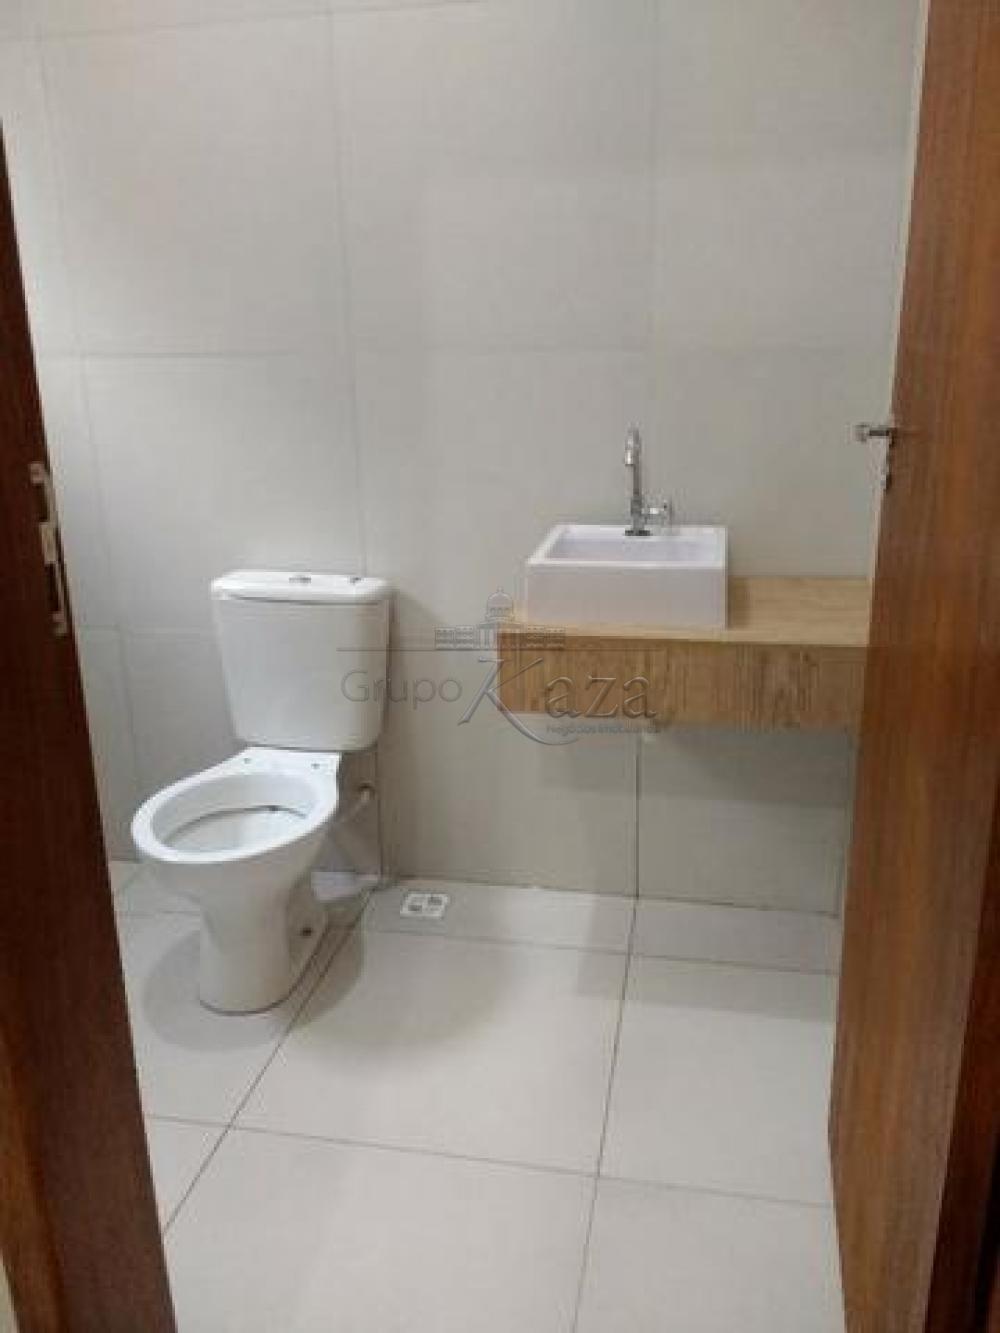 Comprar Casa / Padrão em São José dos Campos apenas R$ 307.400,00 - Foto 14